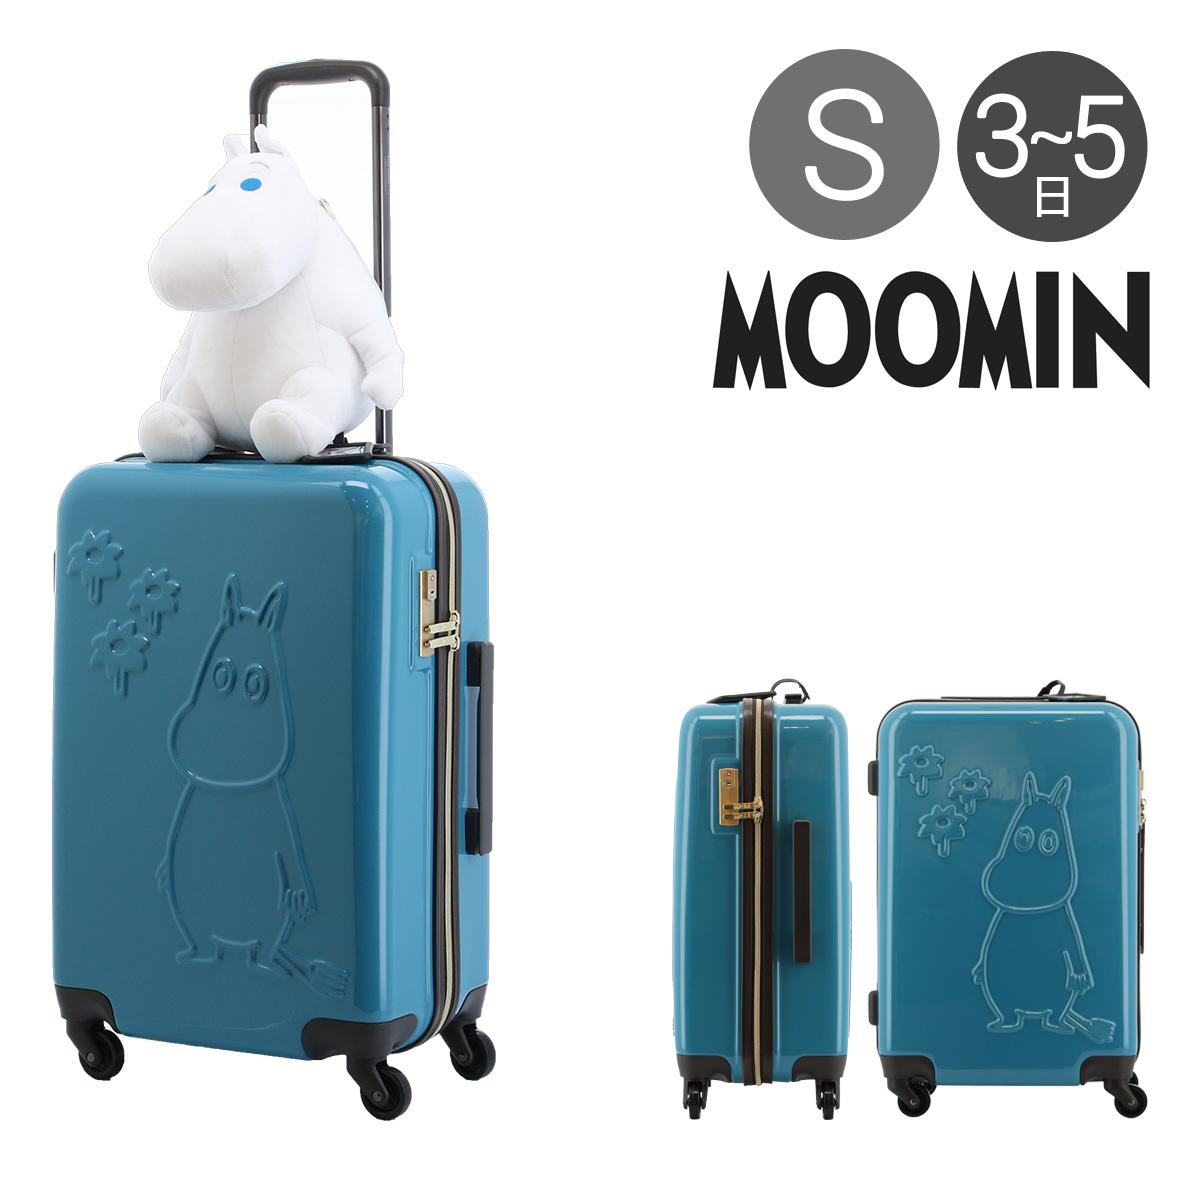 ムーミン スーツケース 44L 55.5cm 3.0kg レディース MM2-026 MOOMIN   ハード ファスナー   キャリーケース TSAロック搭載 ぬいぐるみ ネックピロー付き[即日発送][PO10][bef]